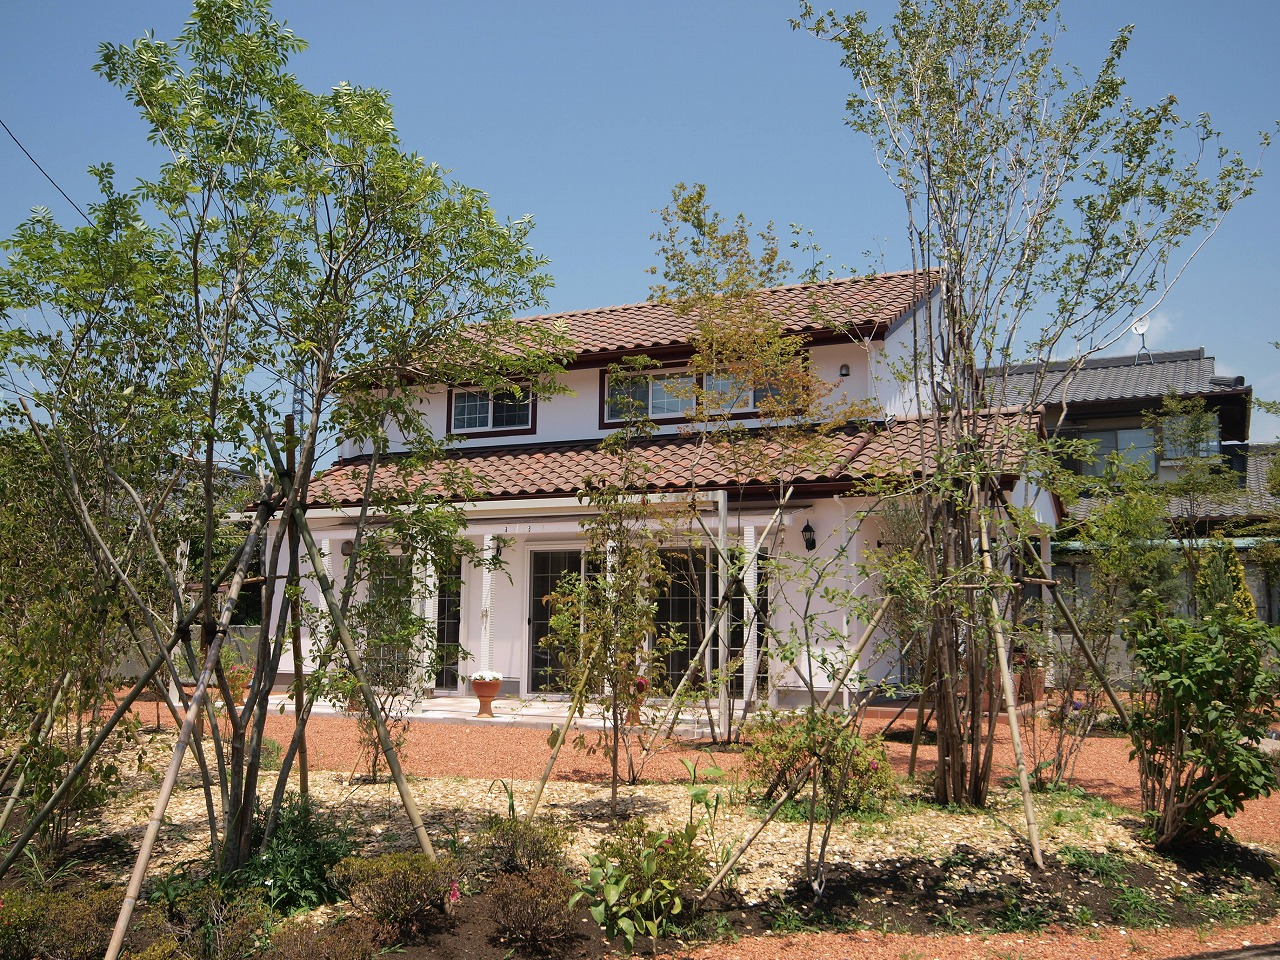 雑木林をイメージしたお庭。漆喰の白い壁と素焼きの洋瓦とのコントラストが素敵です。